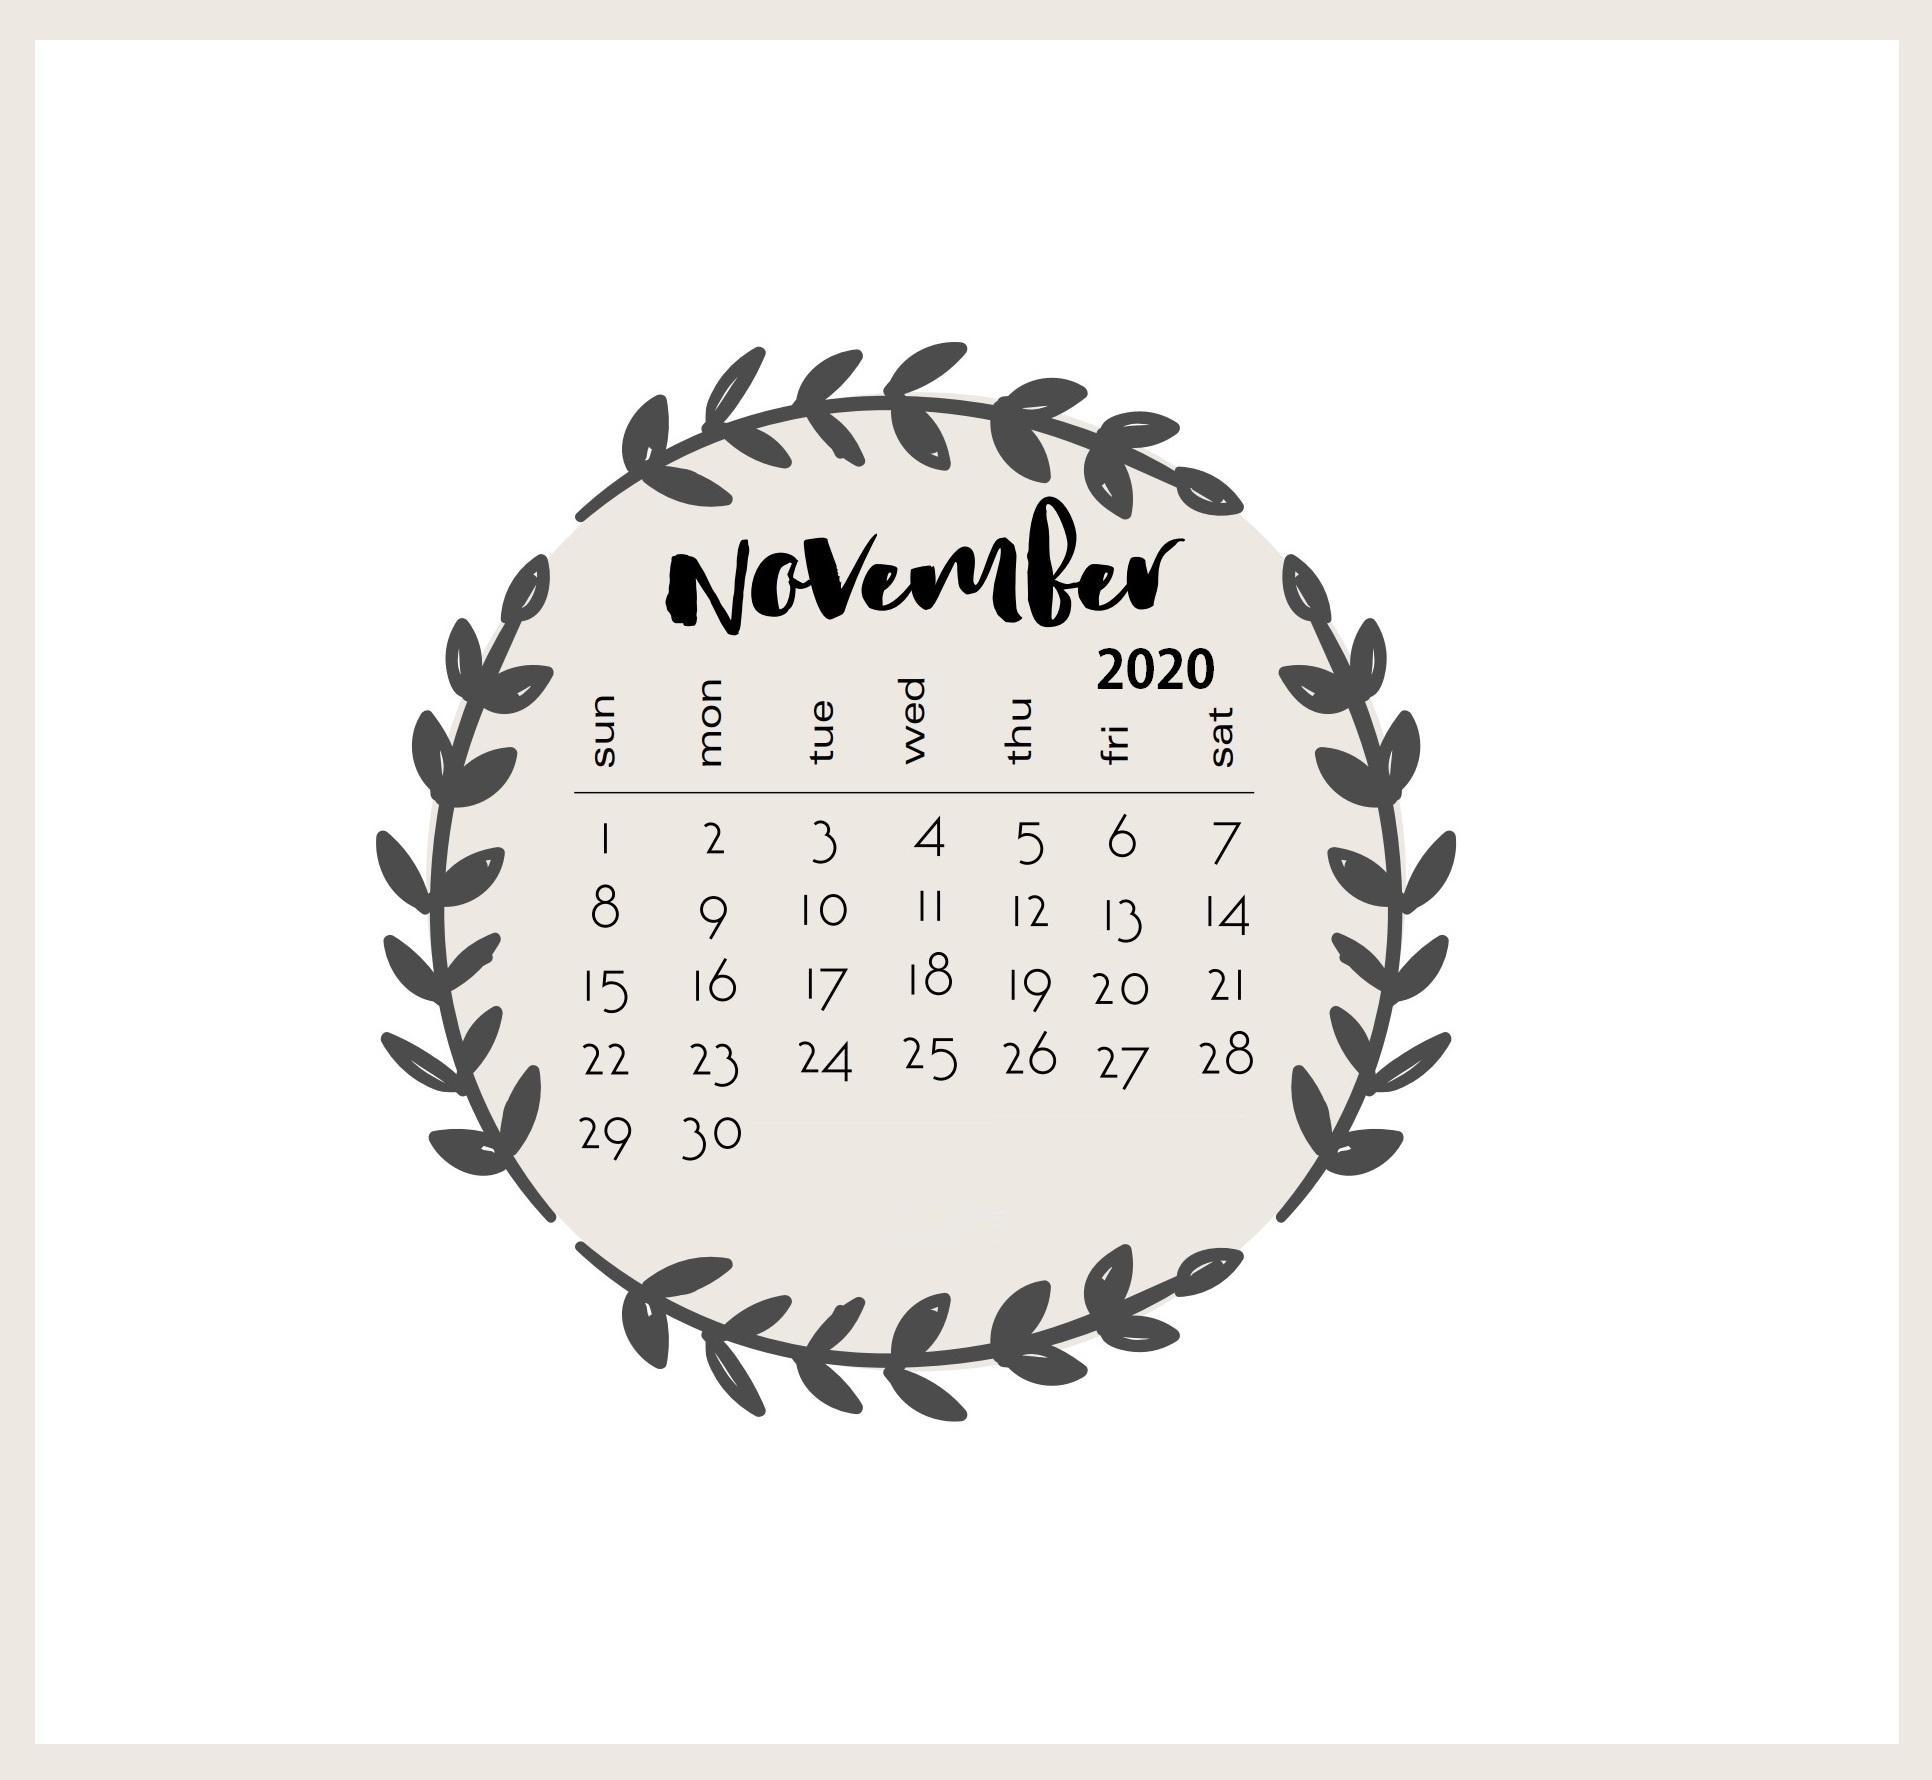 Floral November 2020 Monthly Calendar